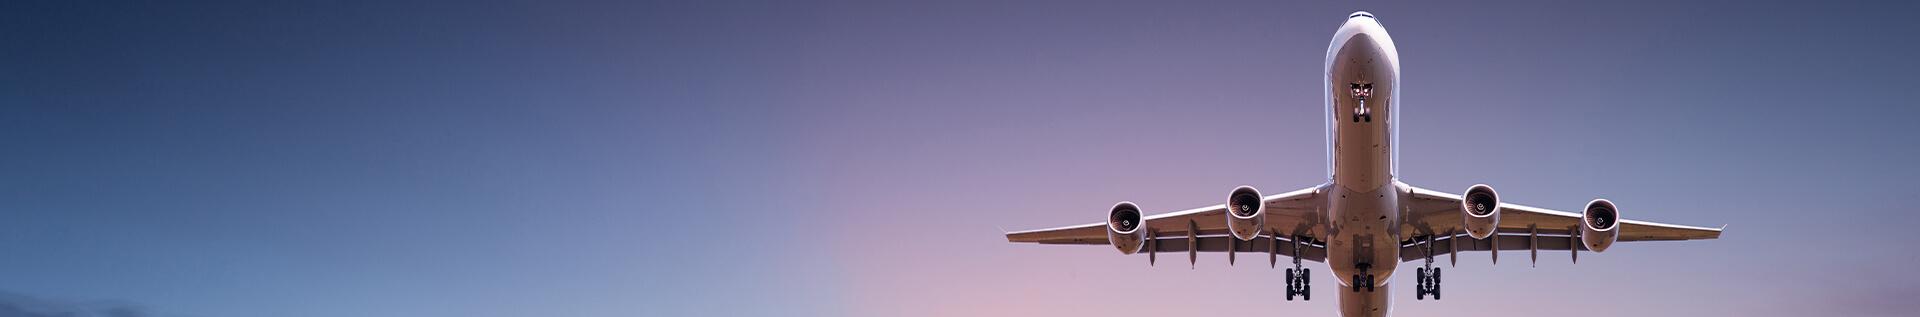 underbelly of plane in flight